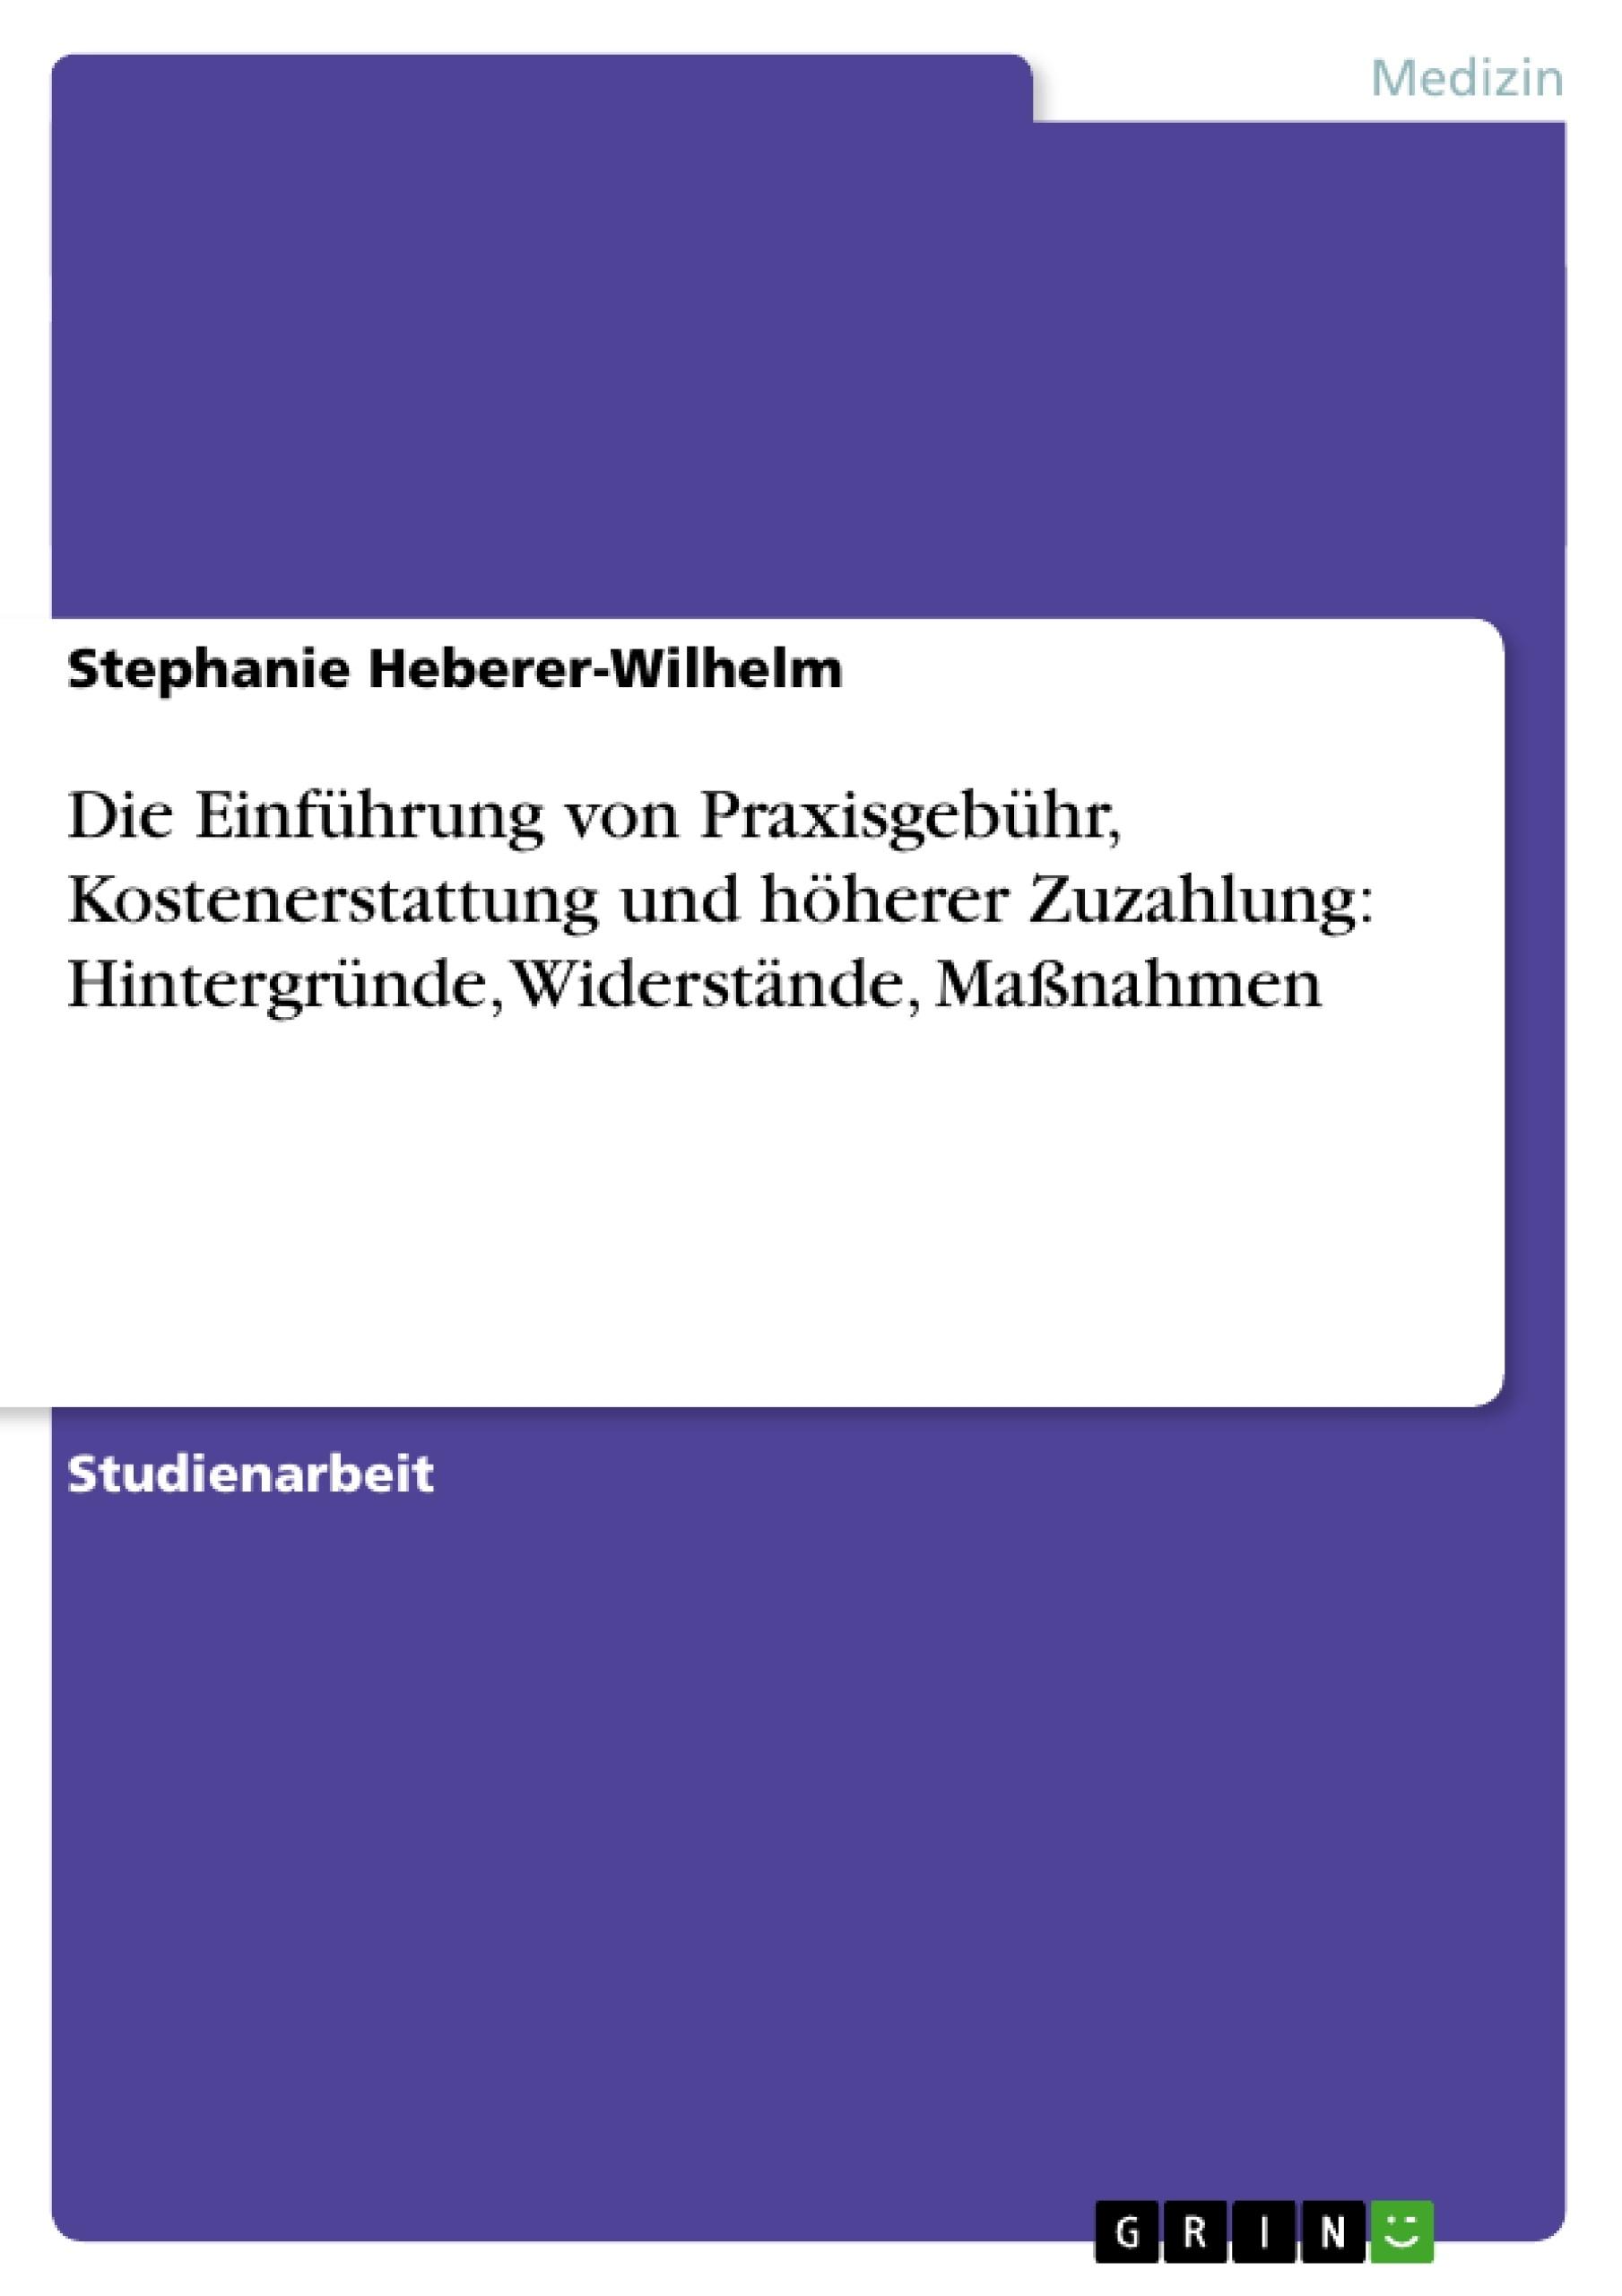 Titel: Die Einführung von Praxisgebühr, Kostenerstattung und höherer Zuzahlung: Hintergründe, Widerstände, Maßnahmen